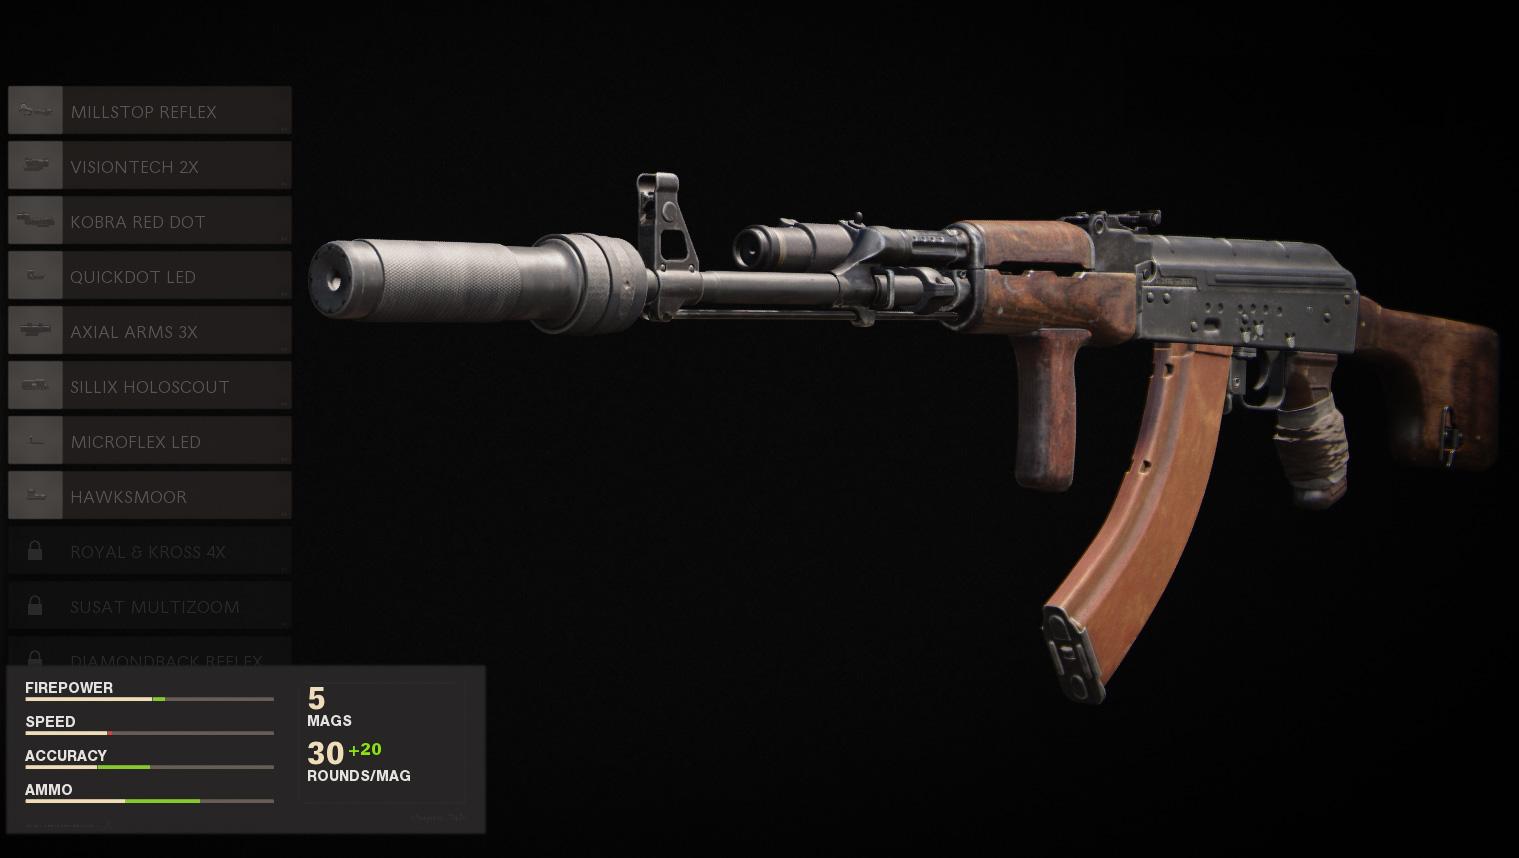 Meilleur équipement AK-47 dans Call of Duty Black Ops Cold War